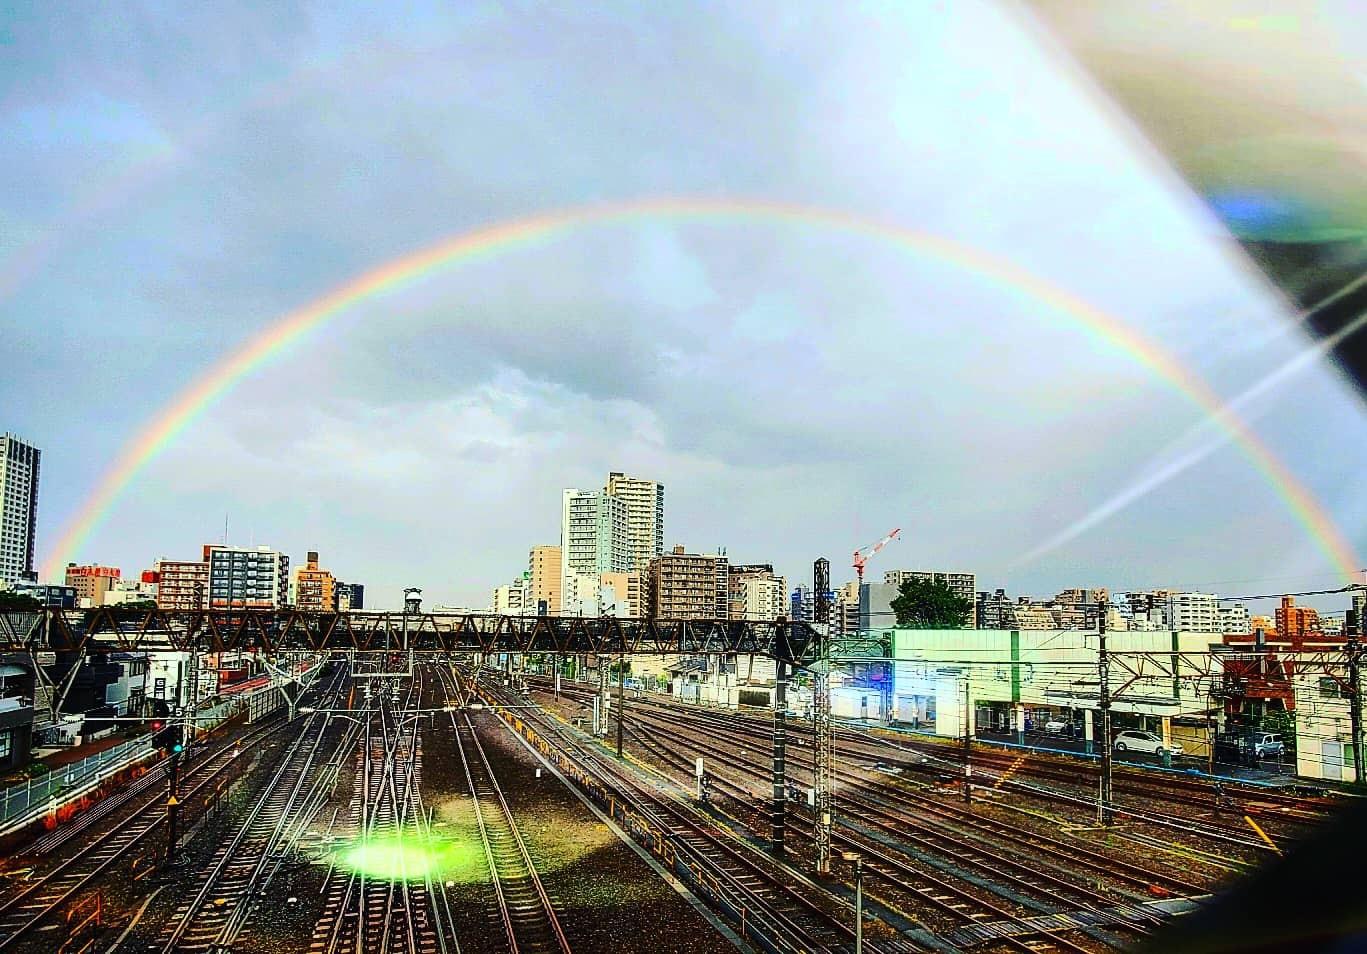 [コラム] No Rain No Rainbow ~三鷹駅開業90周年に想う~